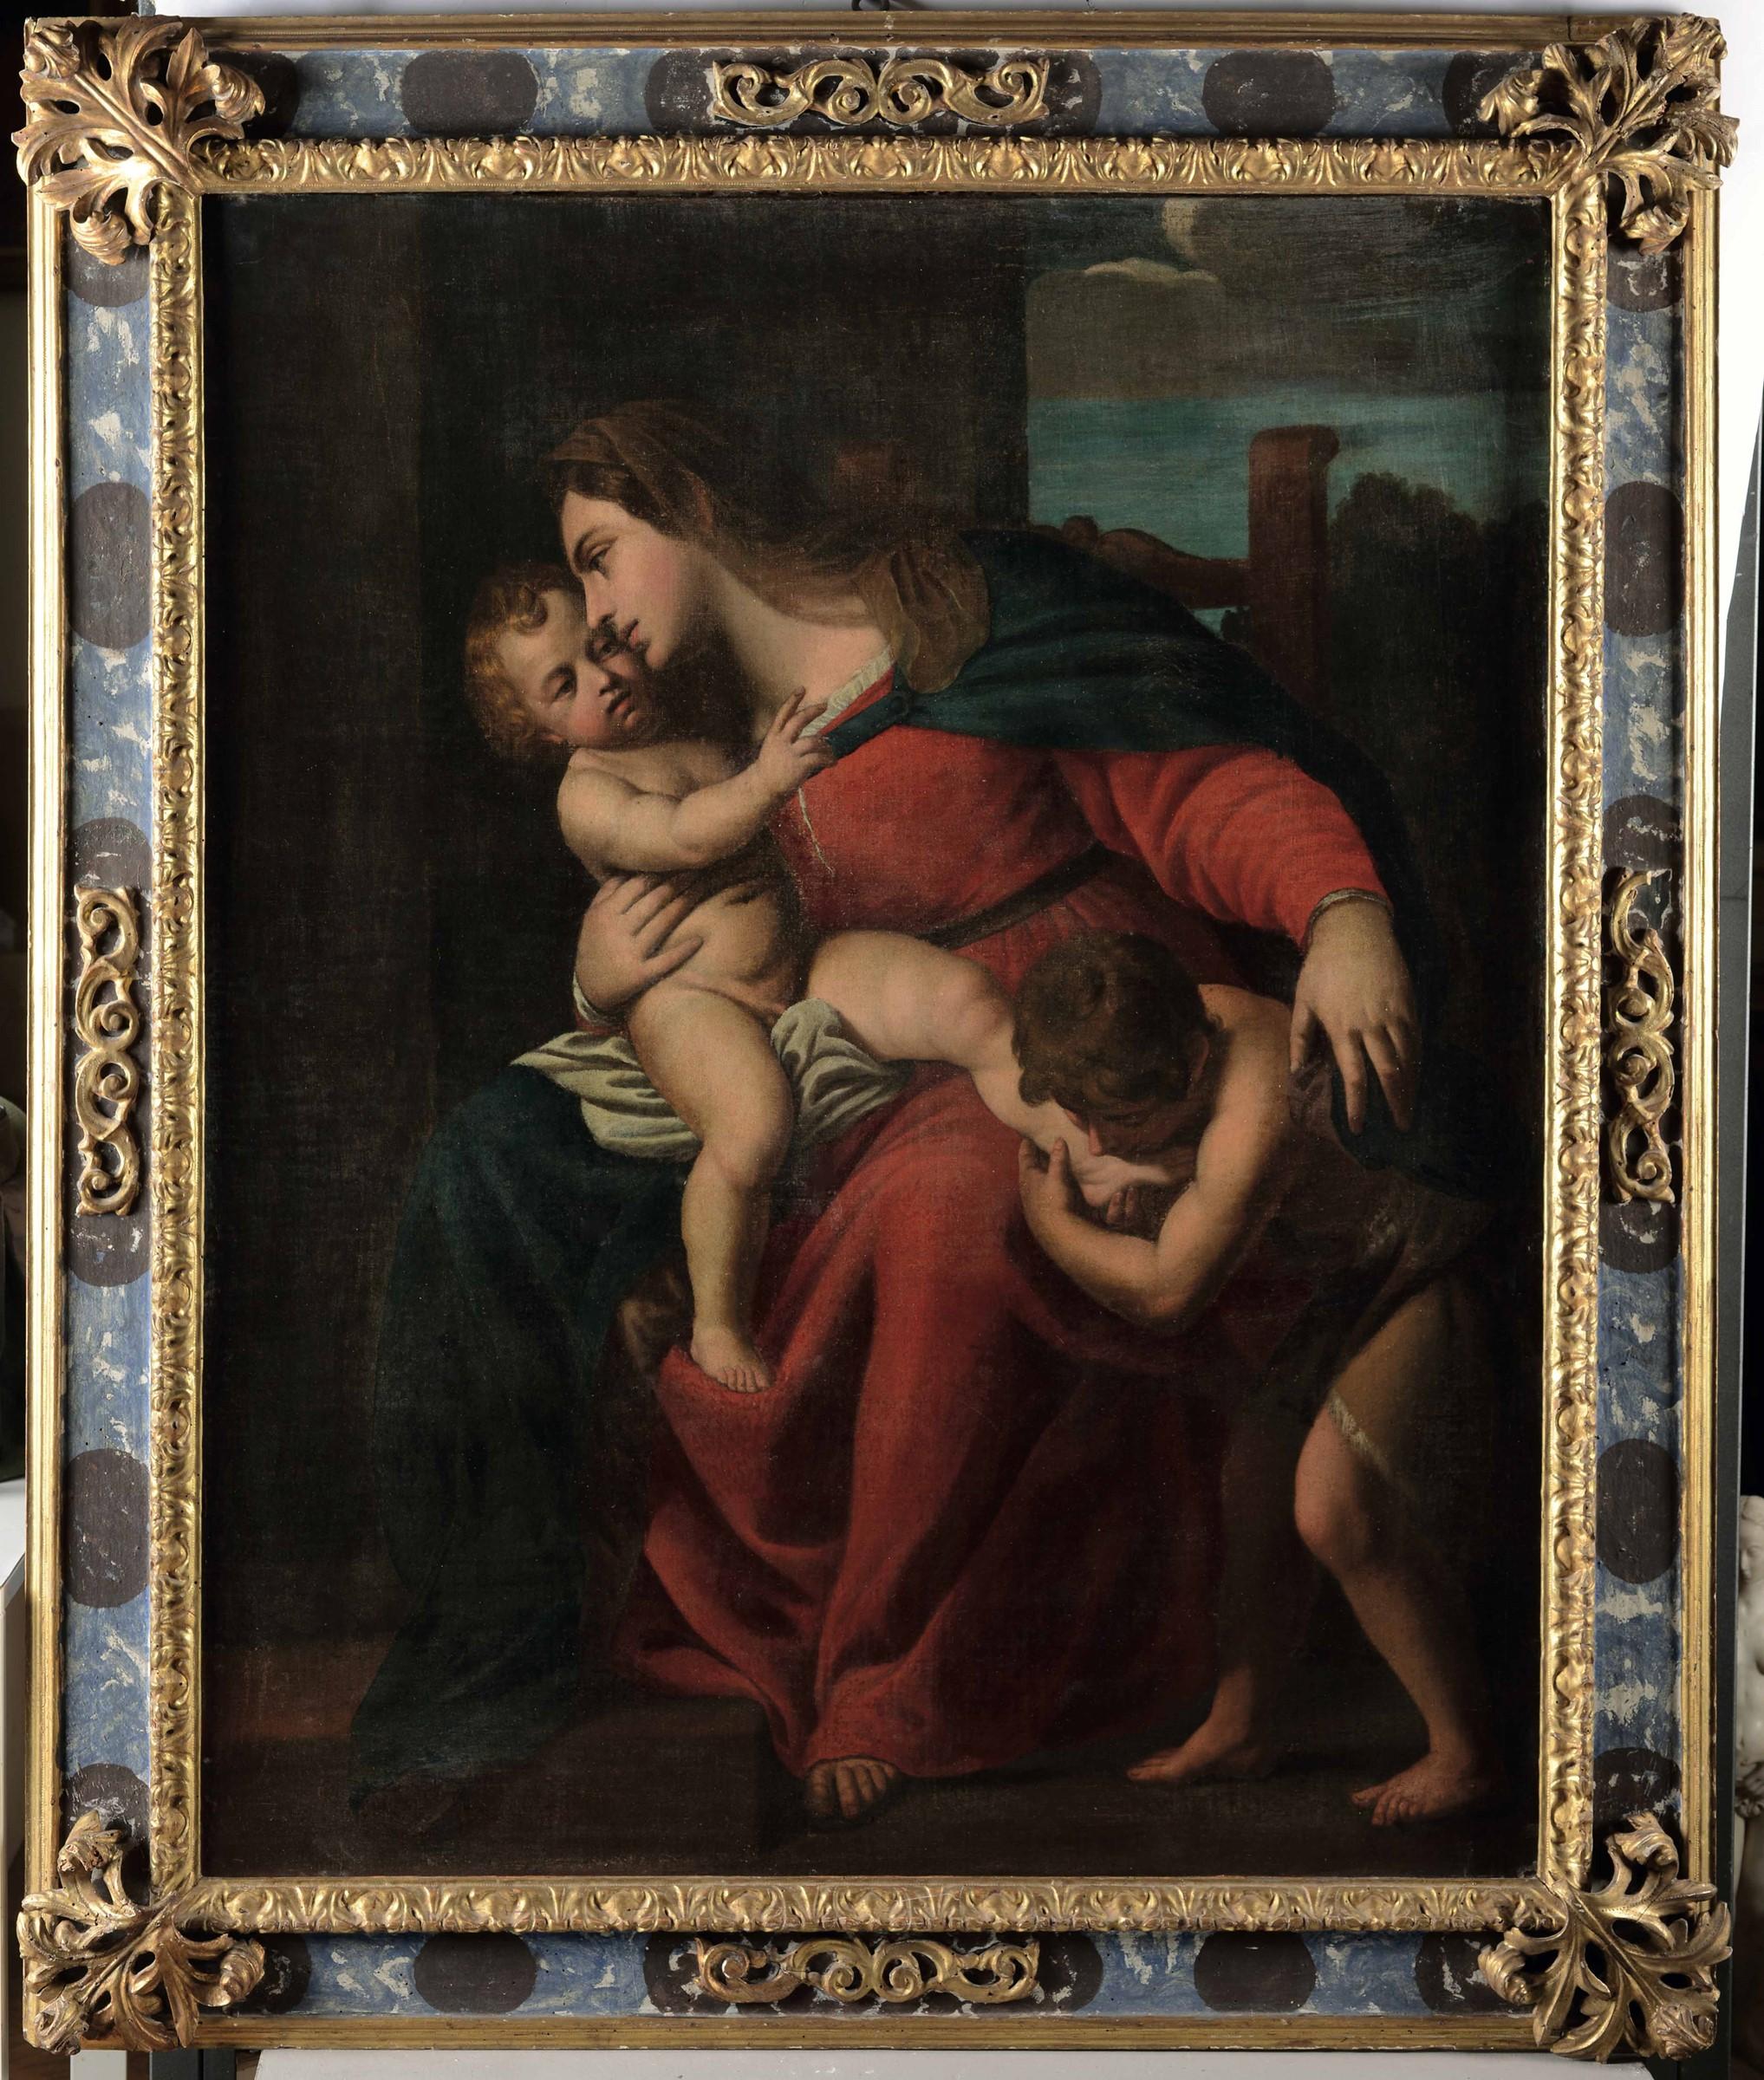 Alessandro Turchi detto l'Orbetto (Verona 1578 - Roma 1649), Madonna con Bambino e [...] - Image 3 of 3